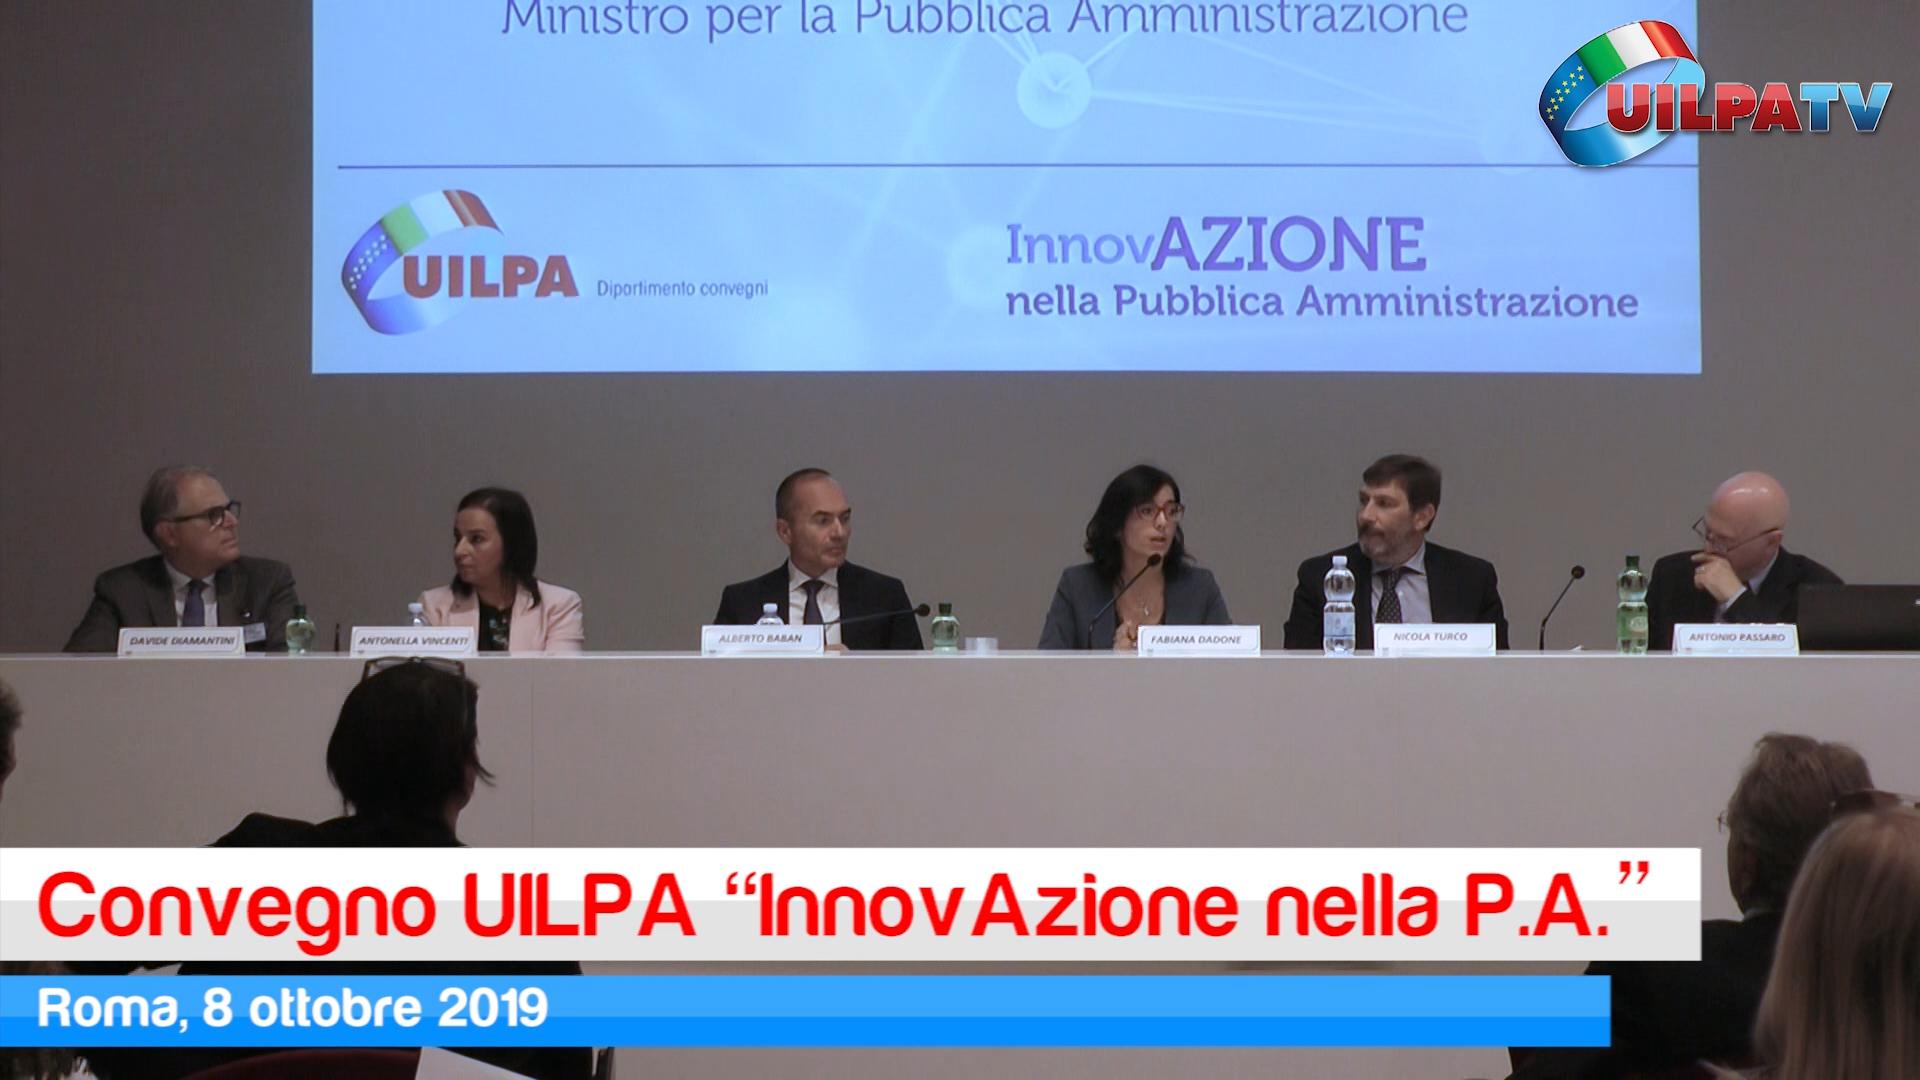 Convegno UILPA 'InnovAzione nella Pubblica Amministrazione', ecco il video servizio di UILPA Tv